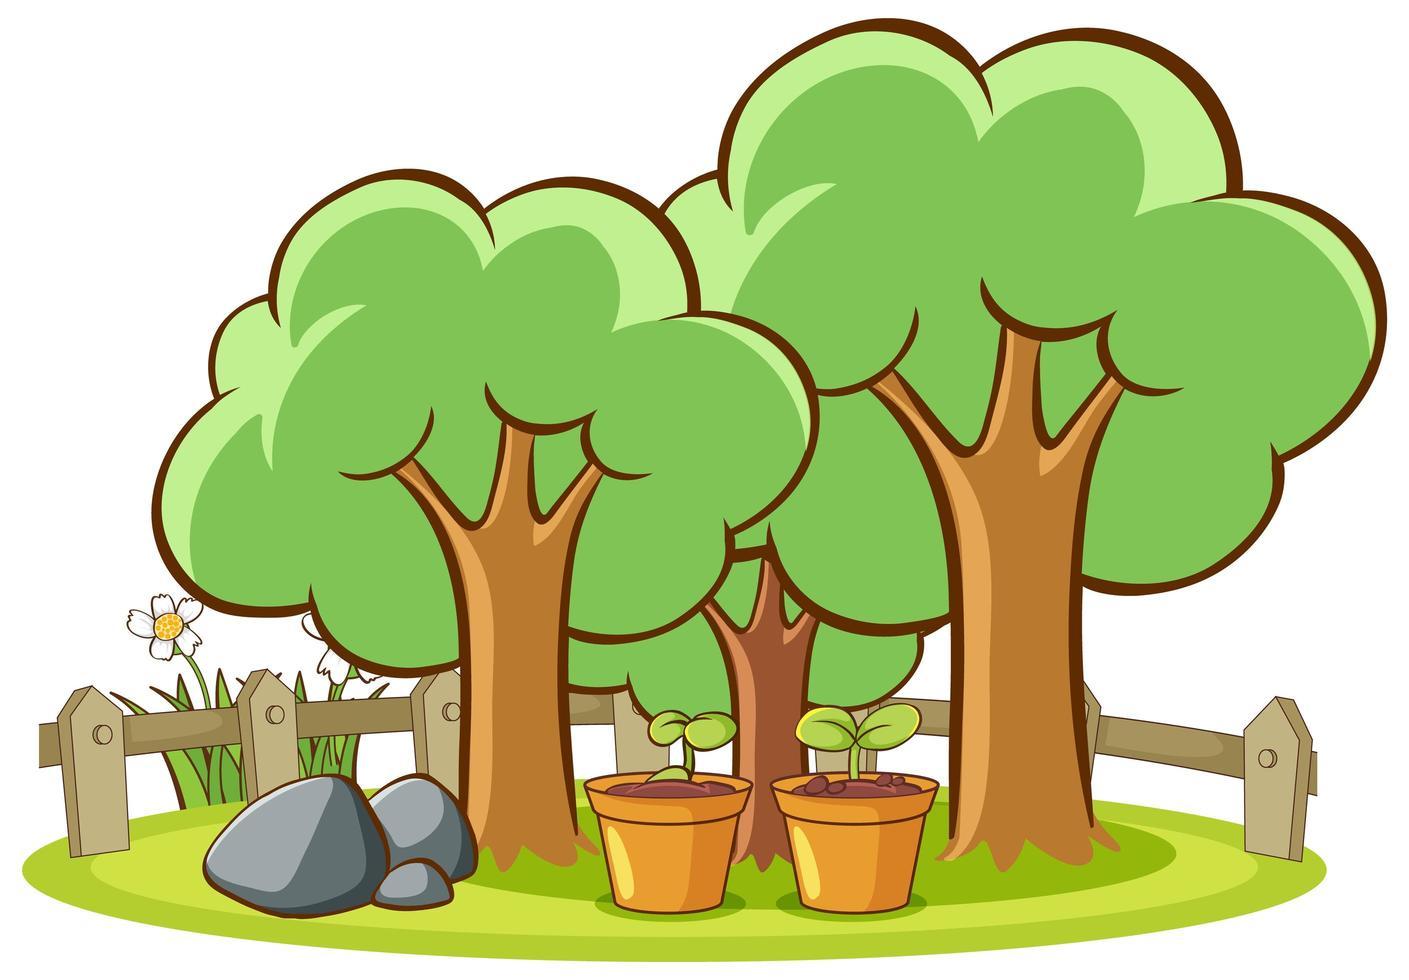 isolerad bild av träd i parken vektor